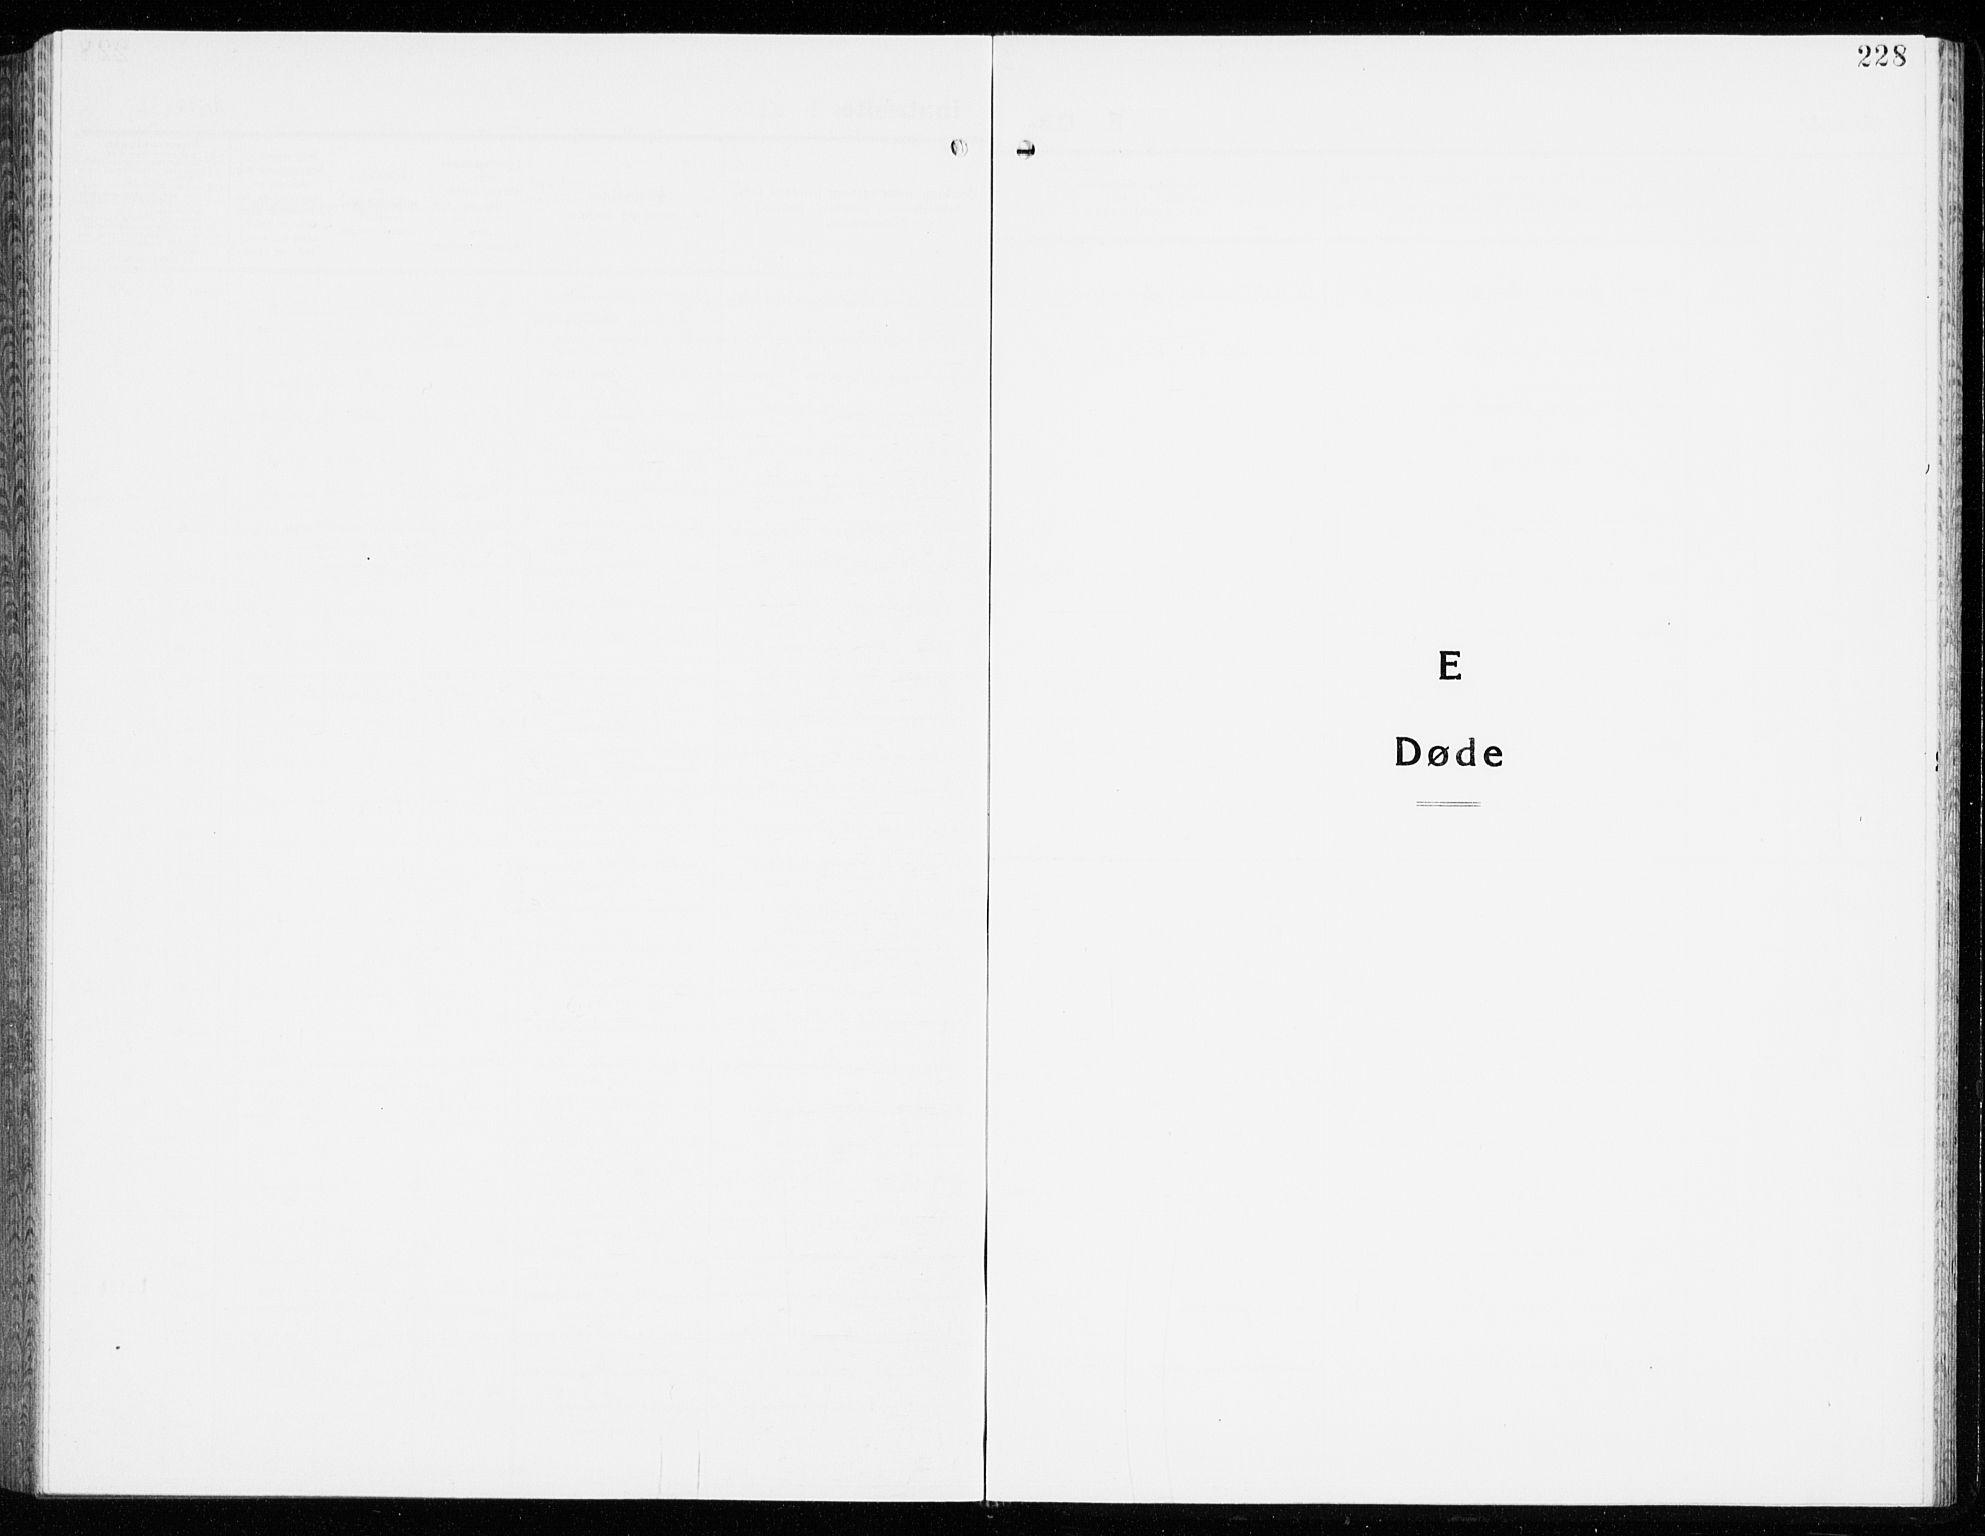 SAKO, Eidanger kirkebøker, G/Ga/L0005: Klokkerbok nr. 5, 1928-1942, s. 228